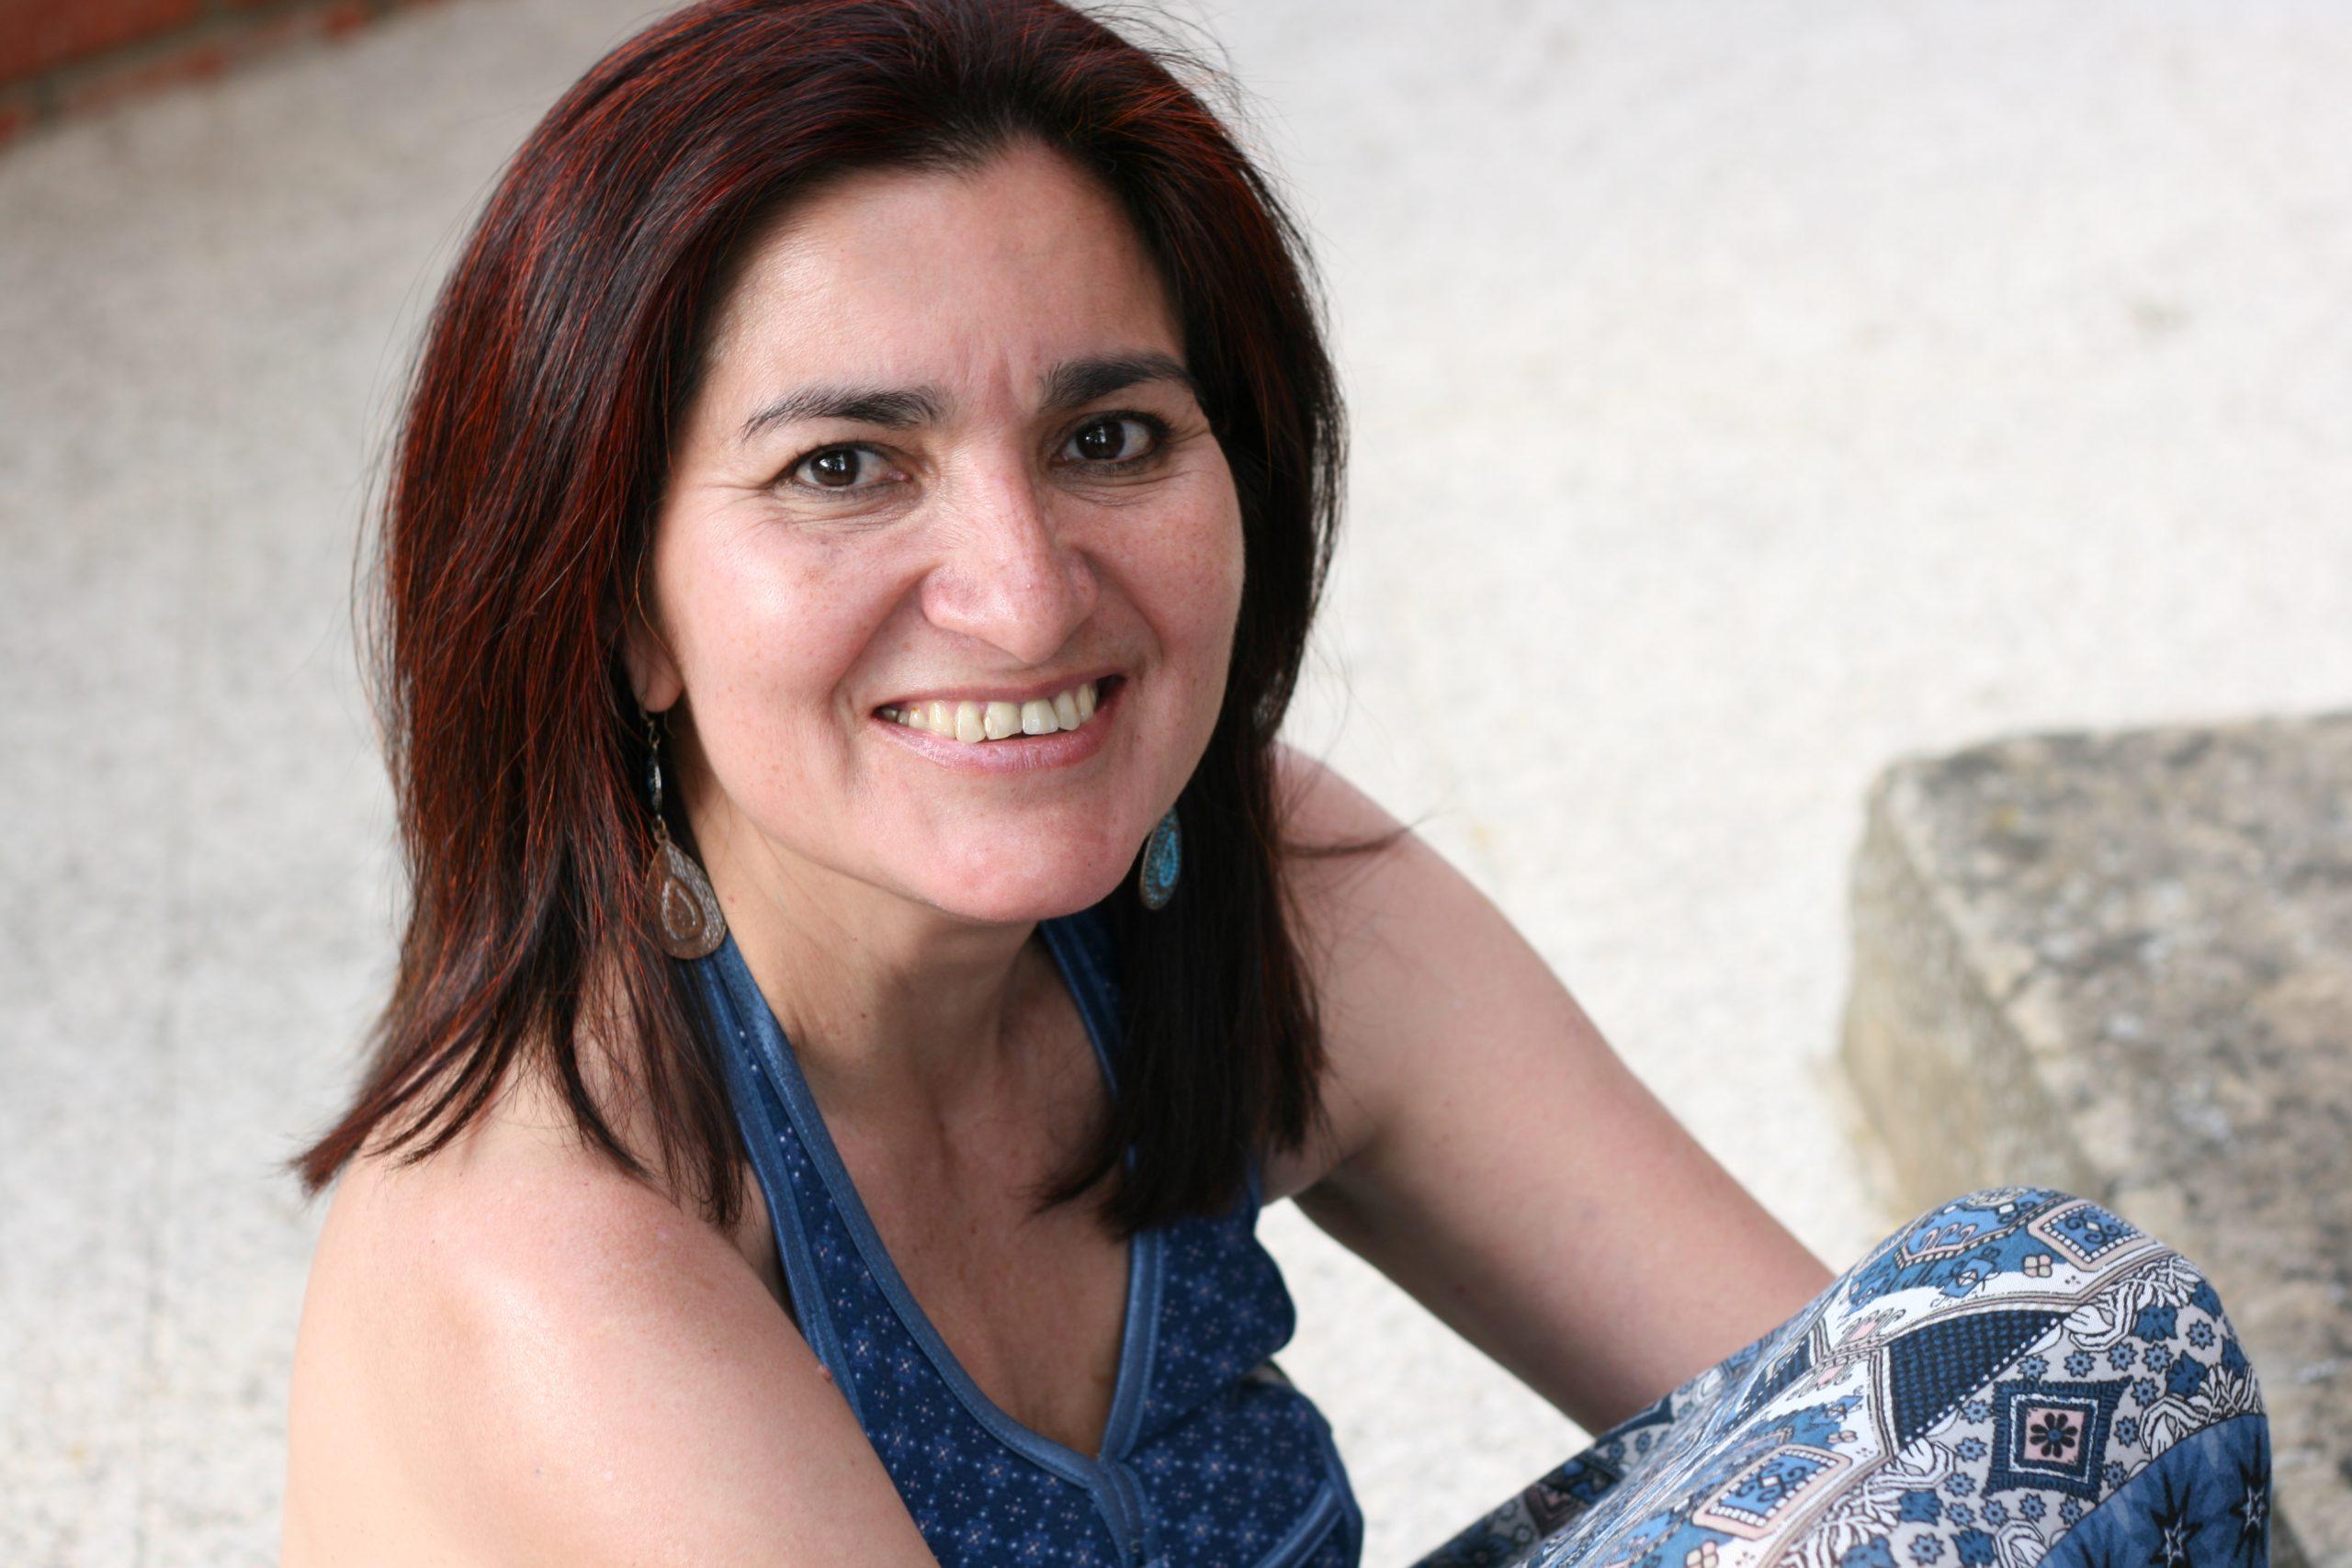 'Jacqueline Alencar, la sembradora de la paz' y otros textos de poetas brasileños